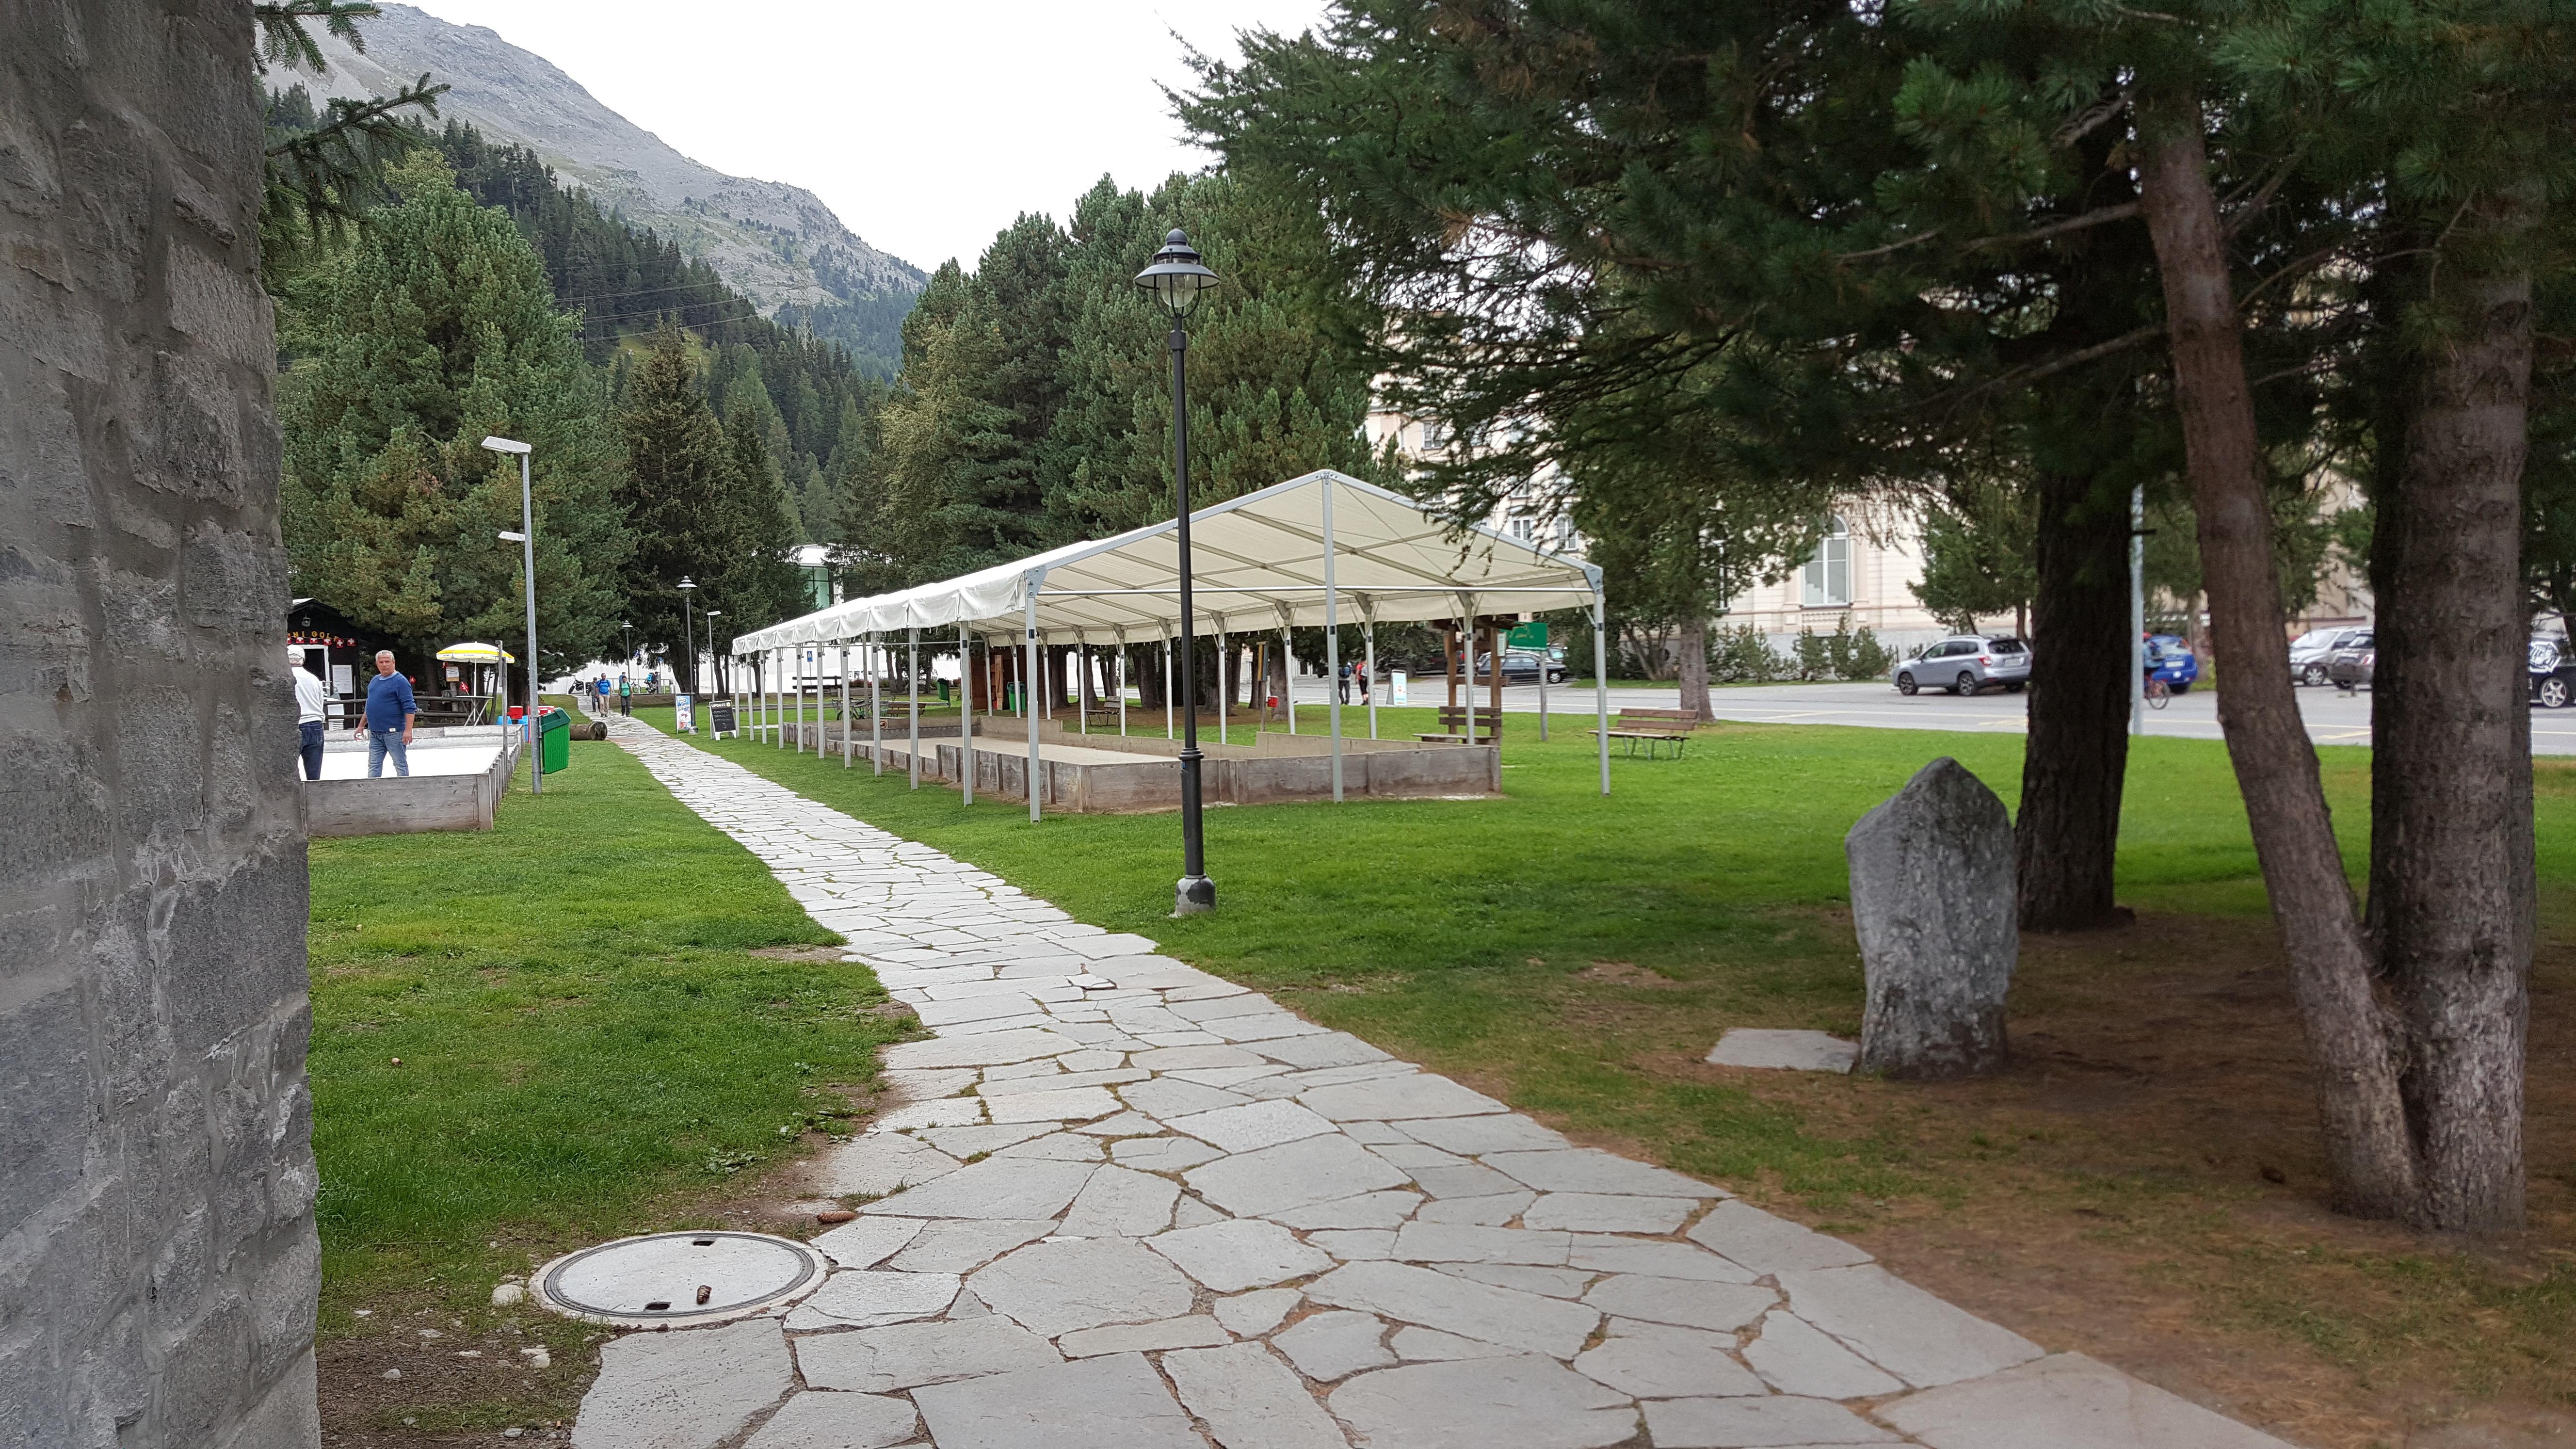 Boccia in St. Moritz Bad Slide 1